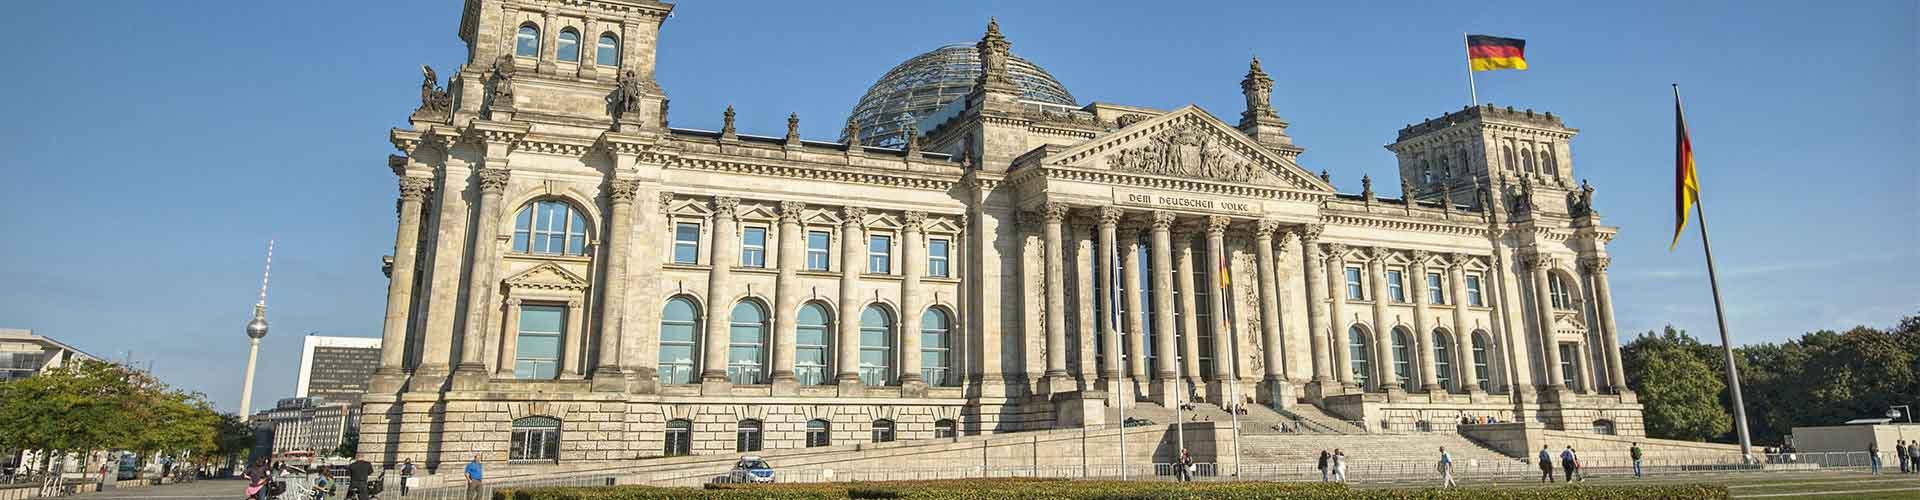 柏林 – 德国国会大厦 附近的青年旅舍。柏林地图,柏林 所有青年旅馆的照片和评分。